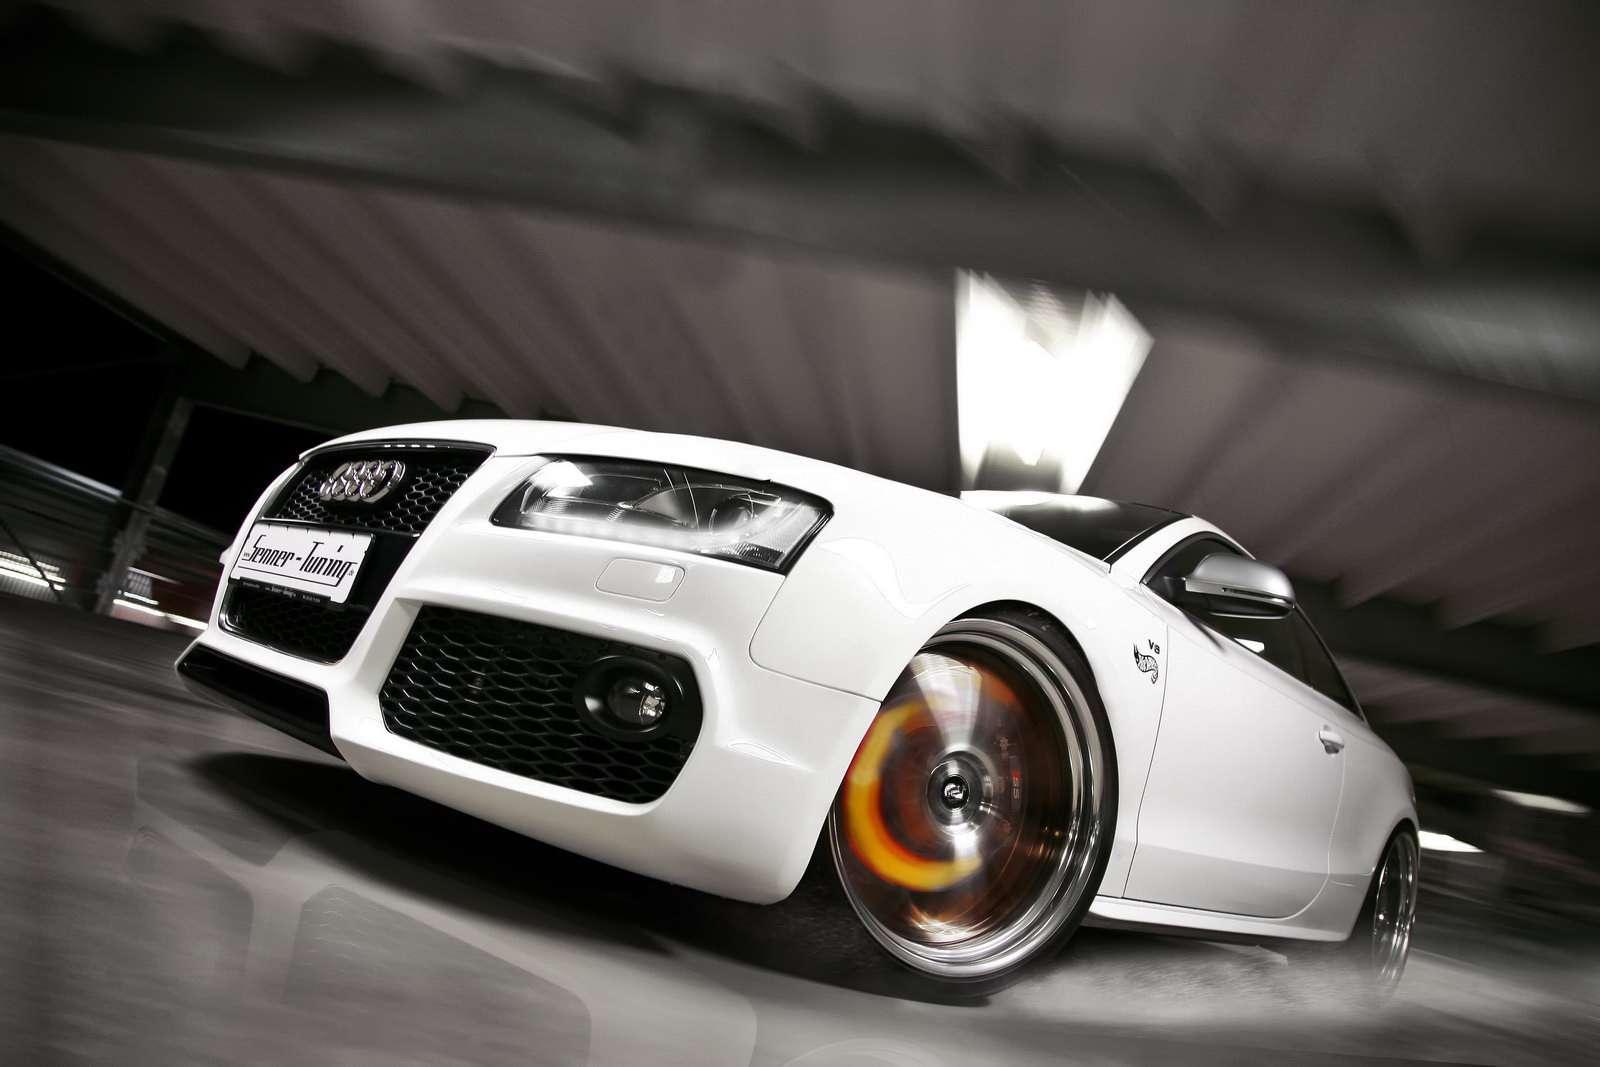 Audi S5 White Beast Senner 2010